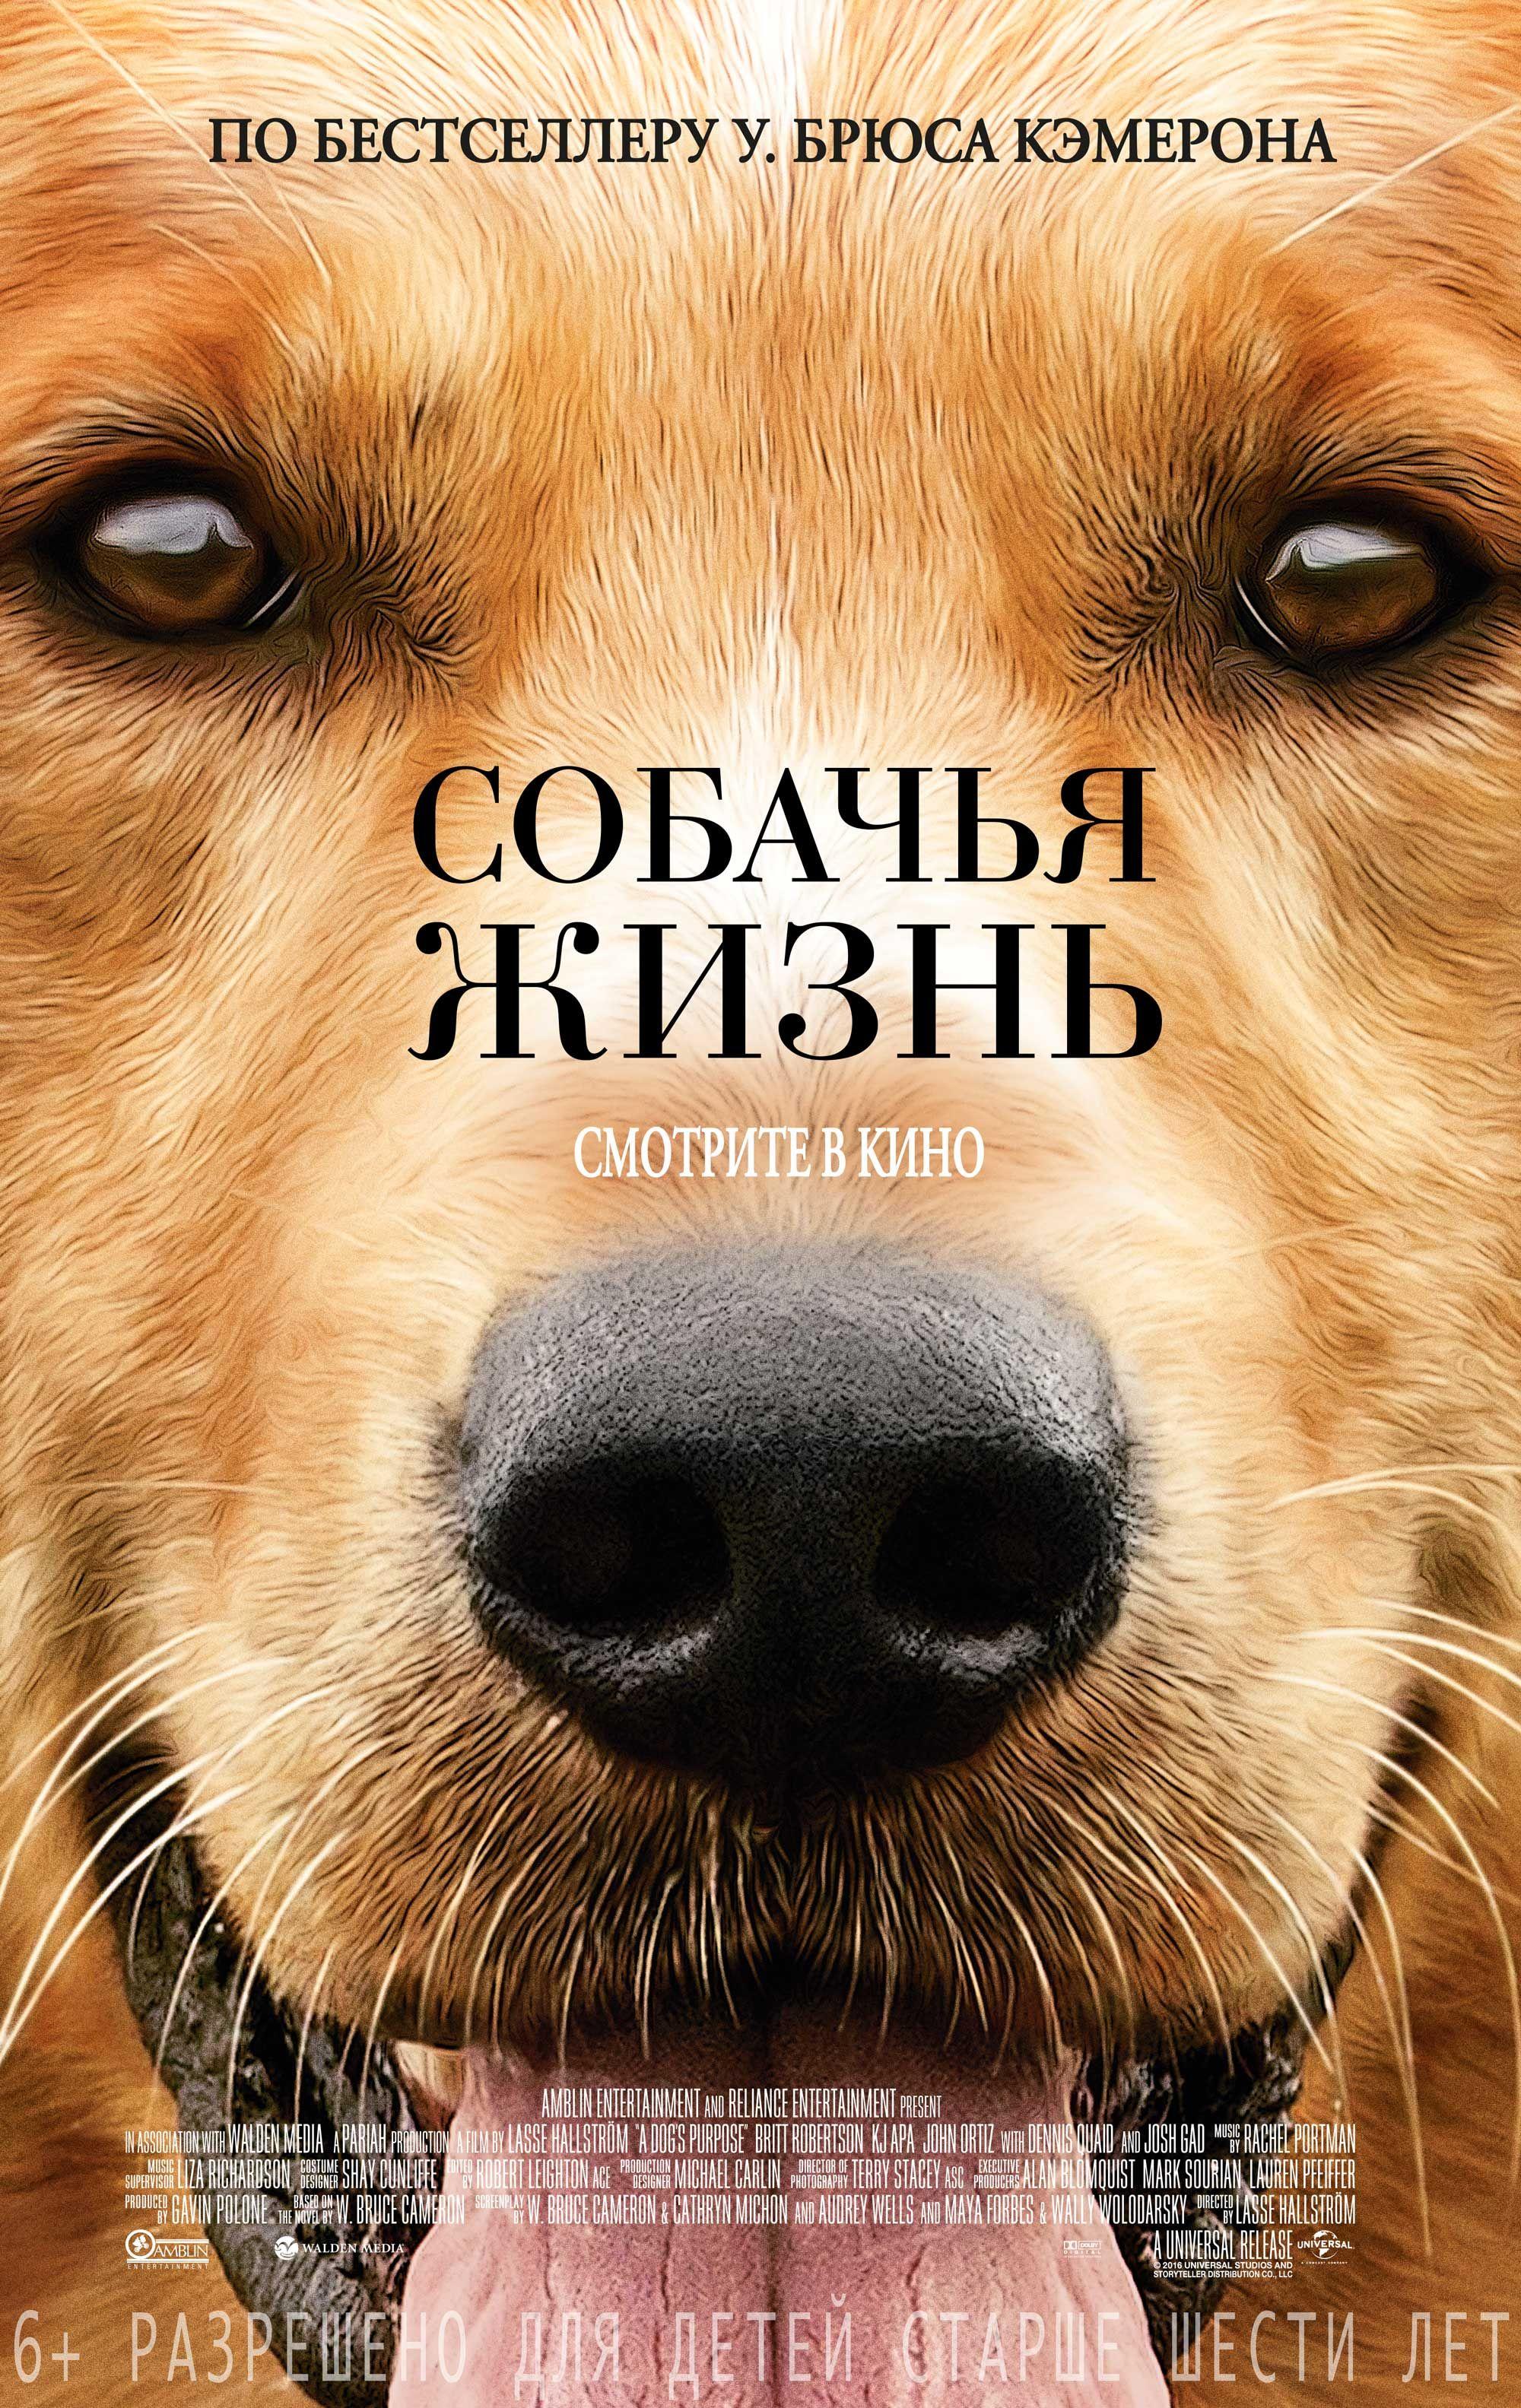 Хорошее кино для любителей собак и не только